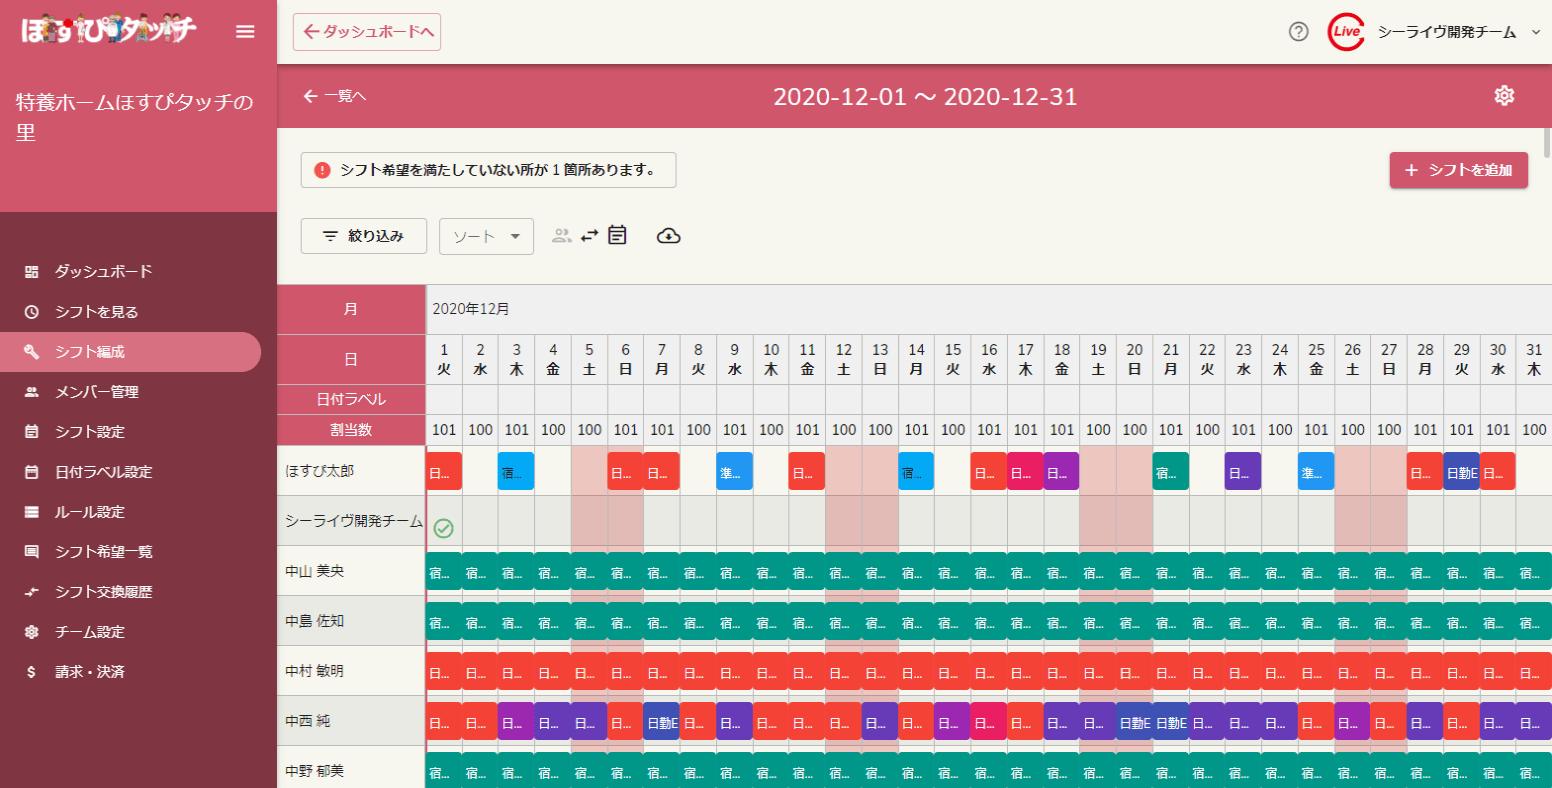 シフト編成画面(システム管理者)